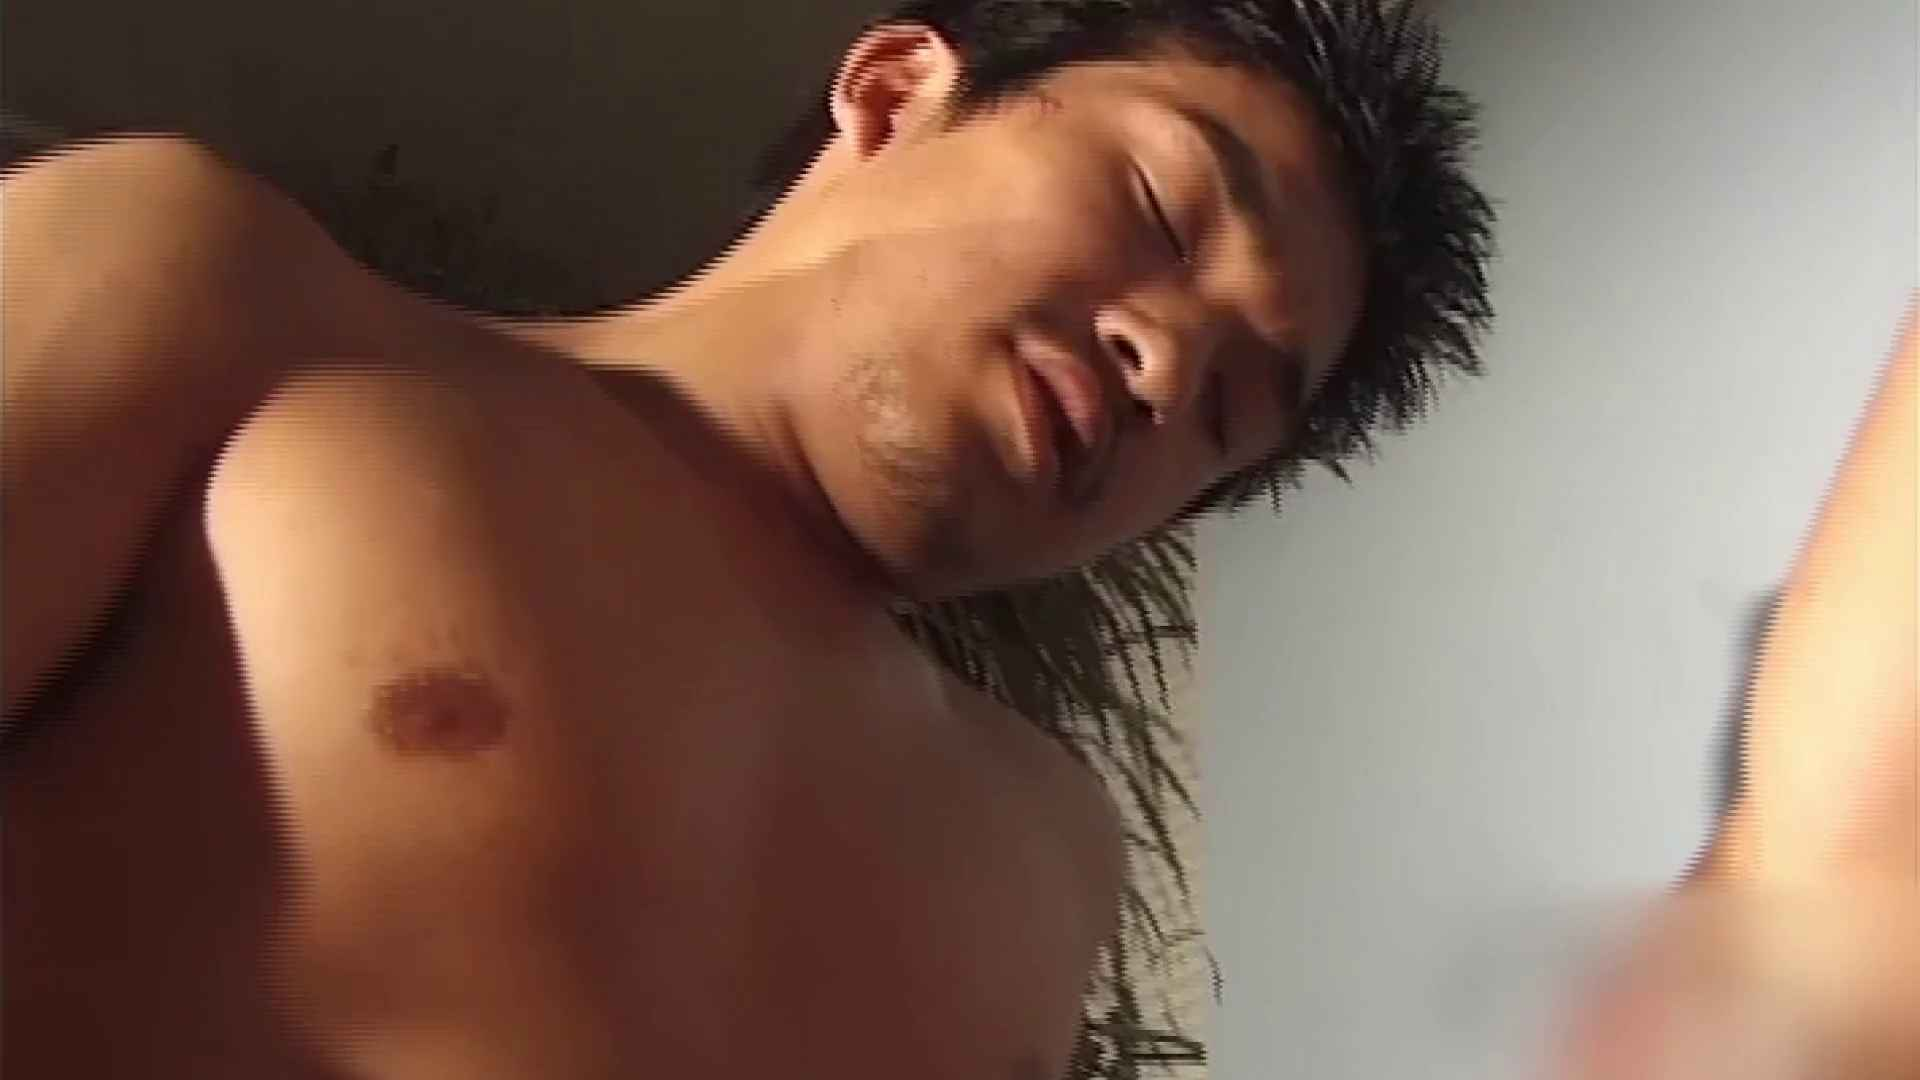 珍肉も筋肉の内!!vol.3 生だしチンポ | フェラシーン  99画像 11